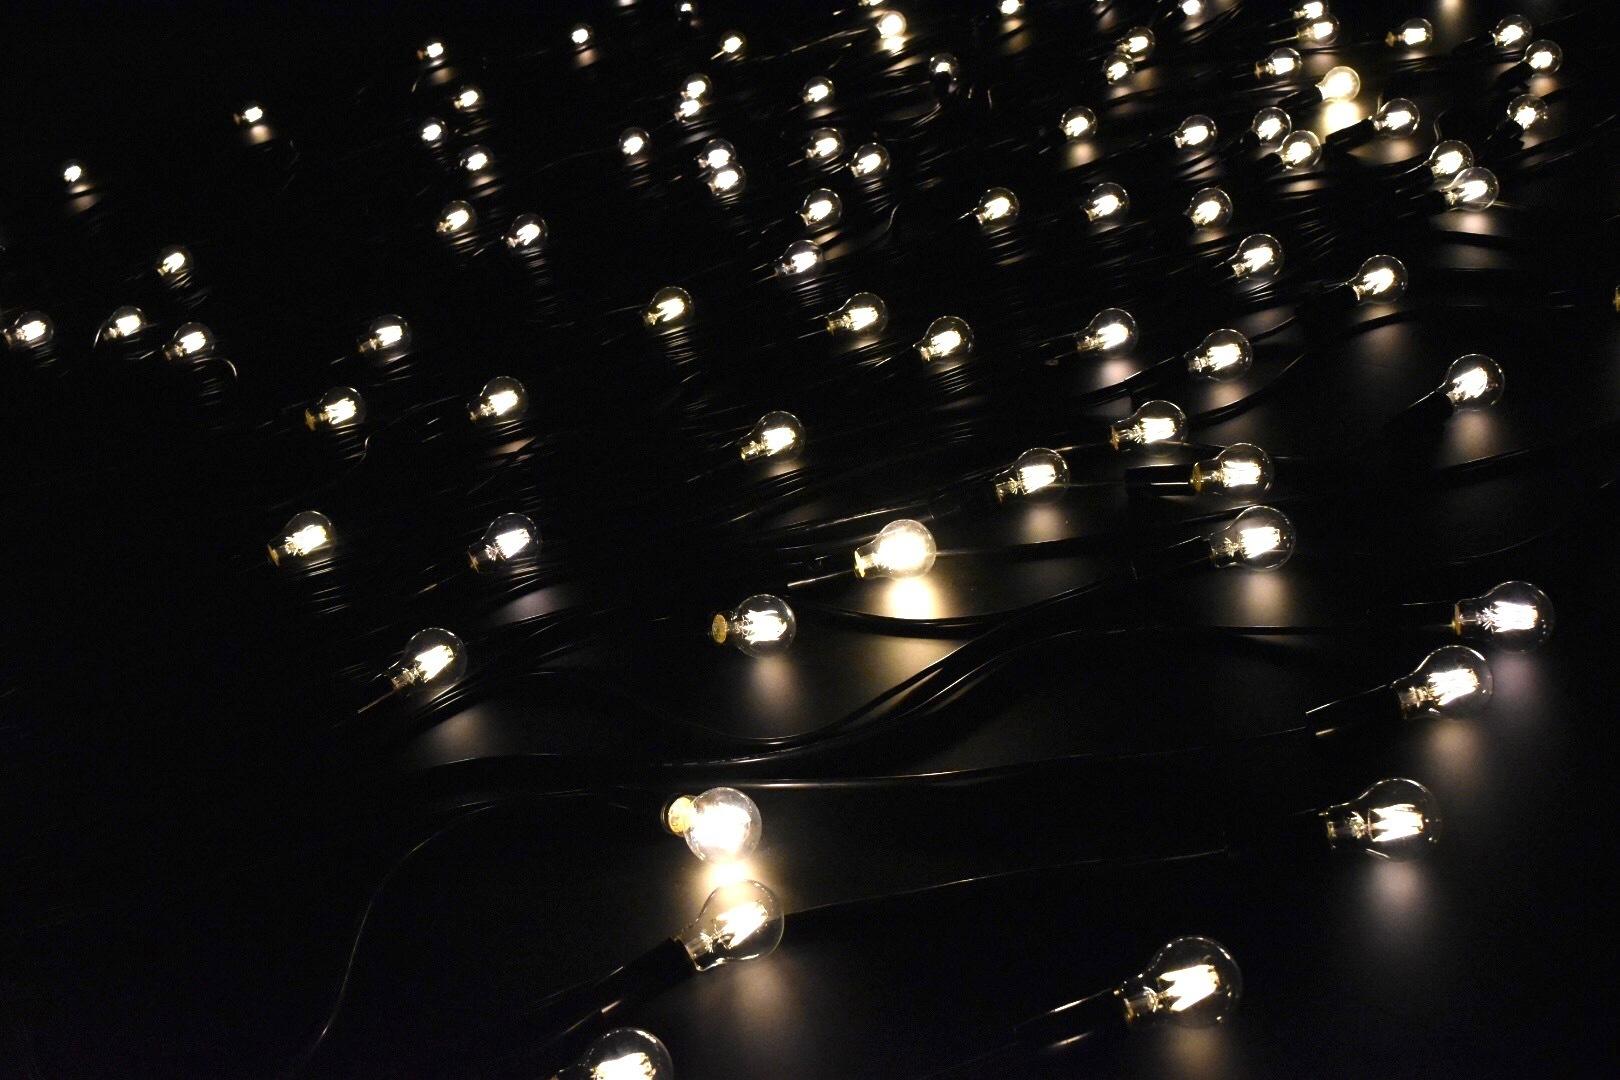 《黄昏》 2015年 「クリスチャン・ボルタンスキー −Lifetime」展 2019年 国立新美術館展示風景